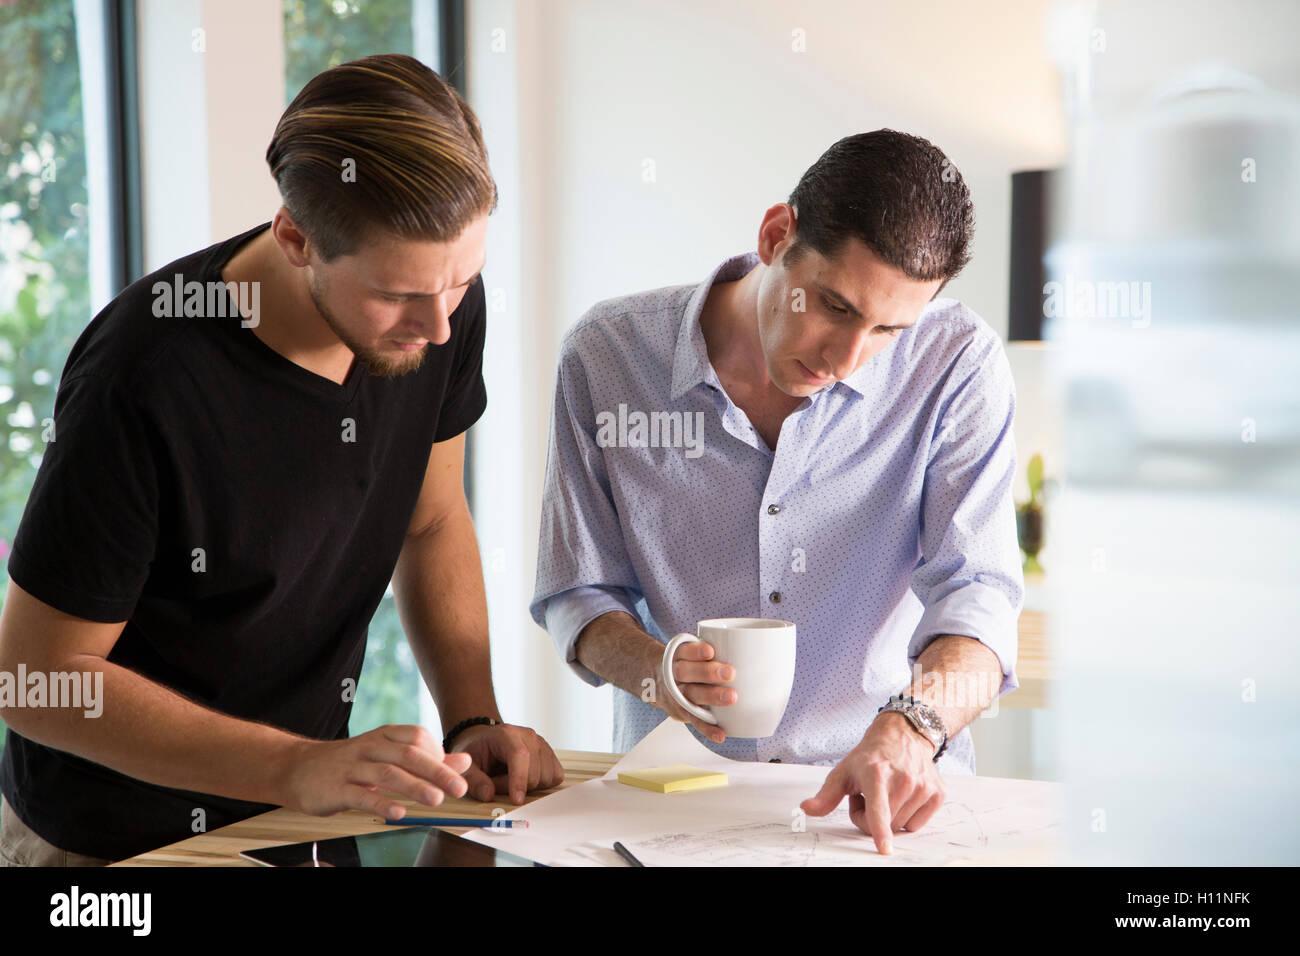 Dos hombres trabajadores de oficina compartir ideas en una moderna oficina Foto de stock